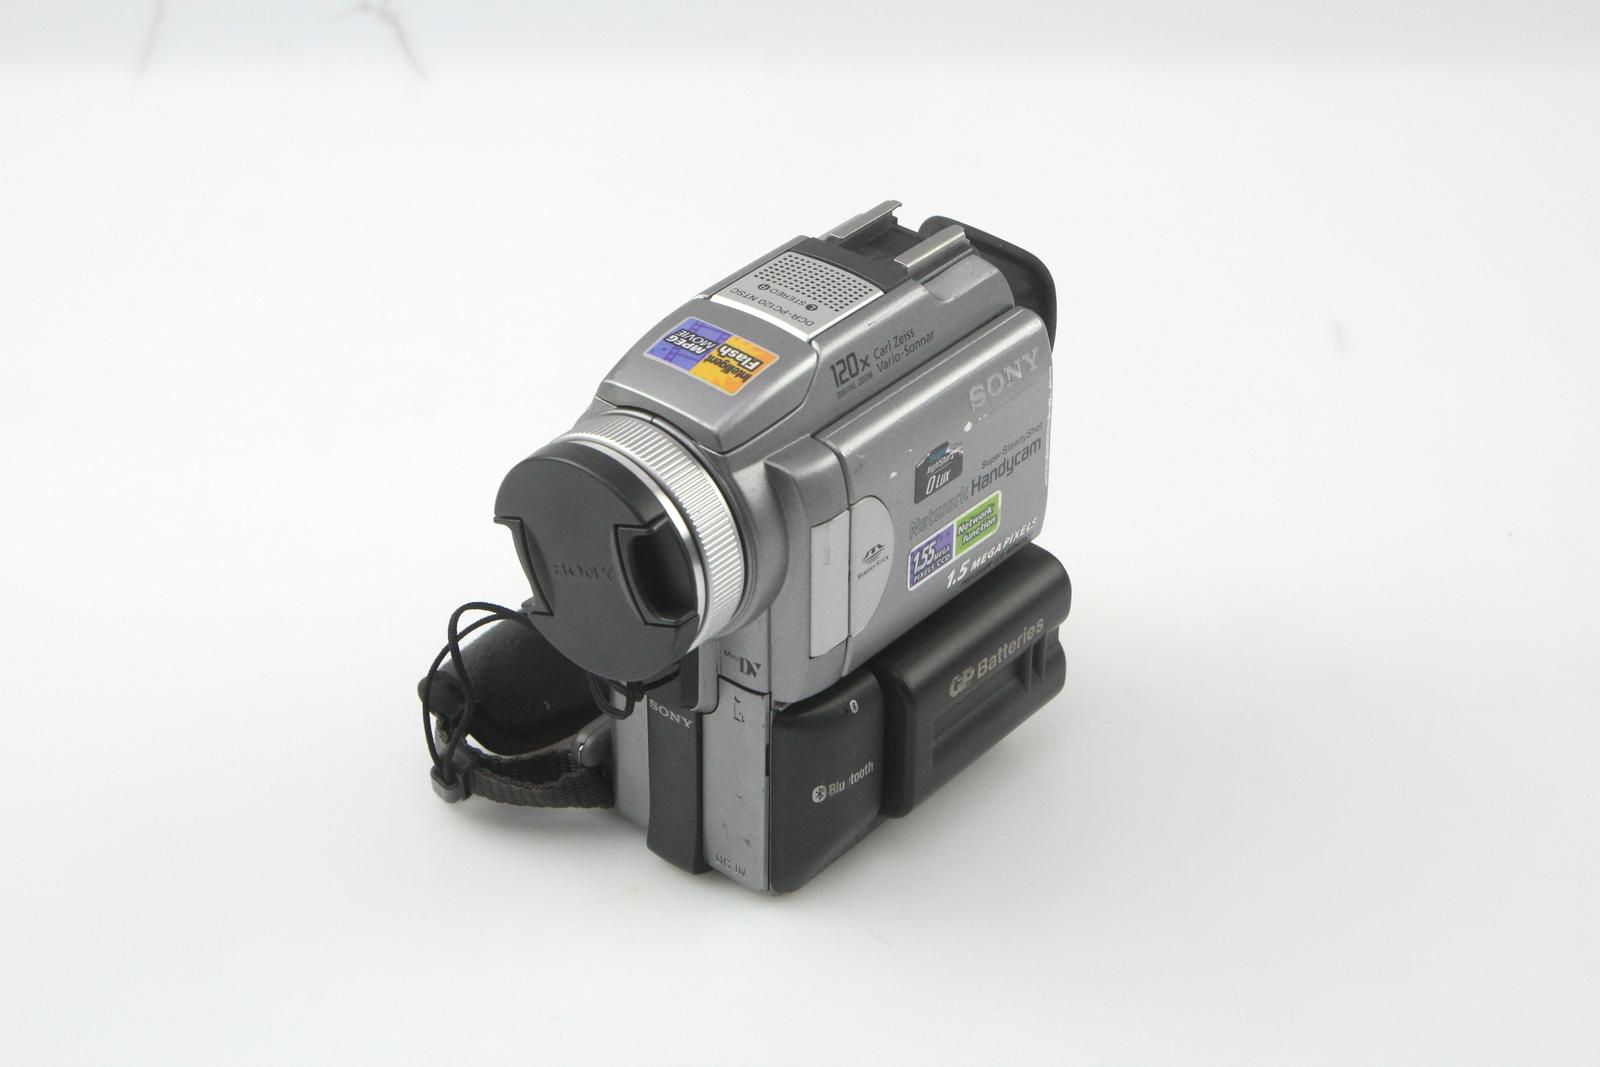 SONY DCR-PC120E DRIVER FOR WINDOWS 7